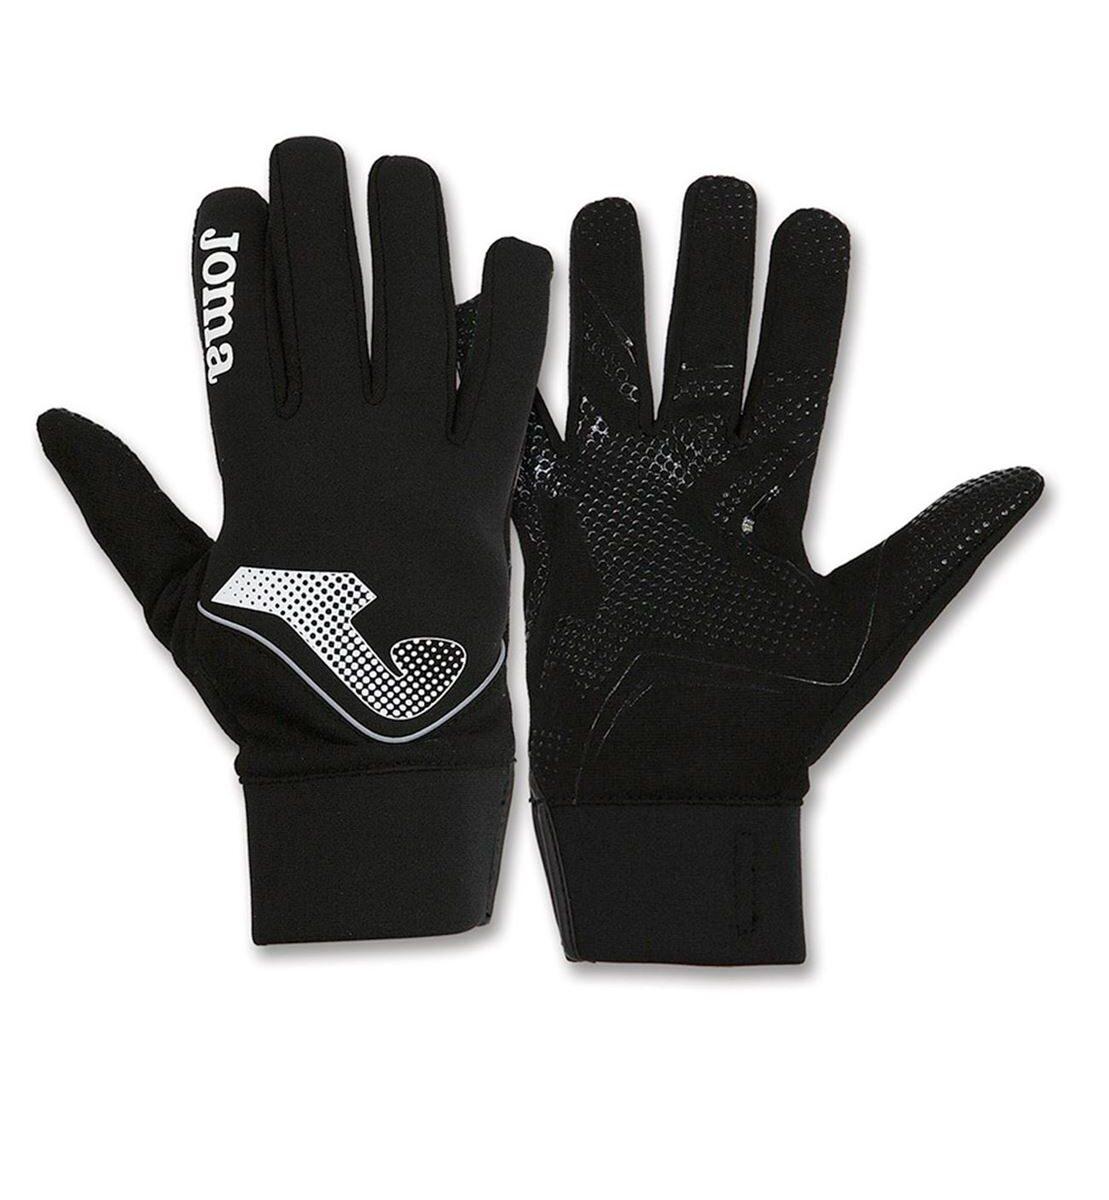 Joma Football Gloves 400024.100